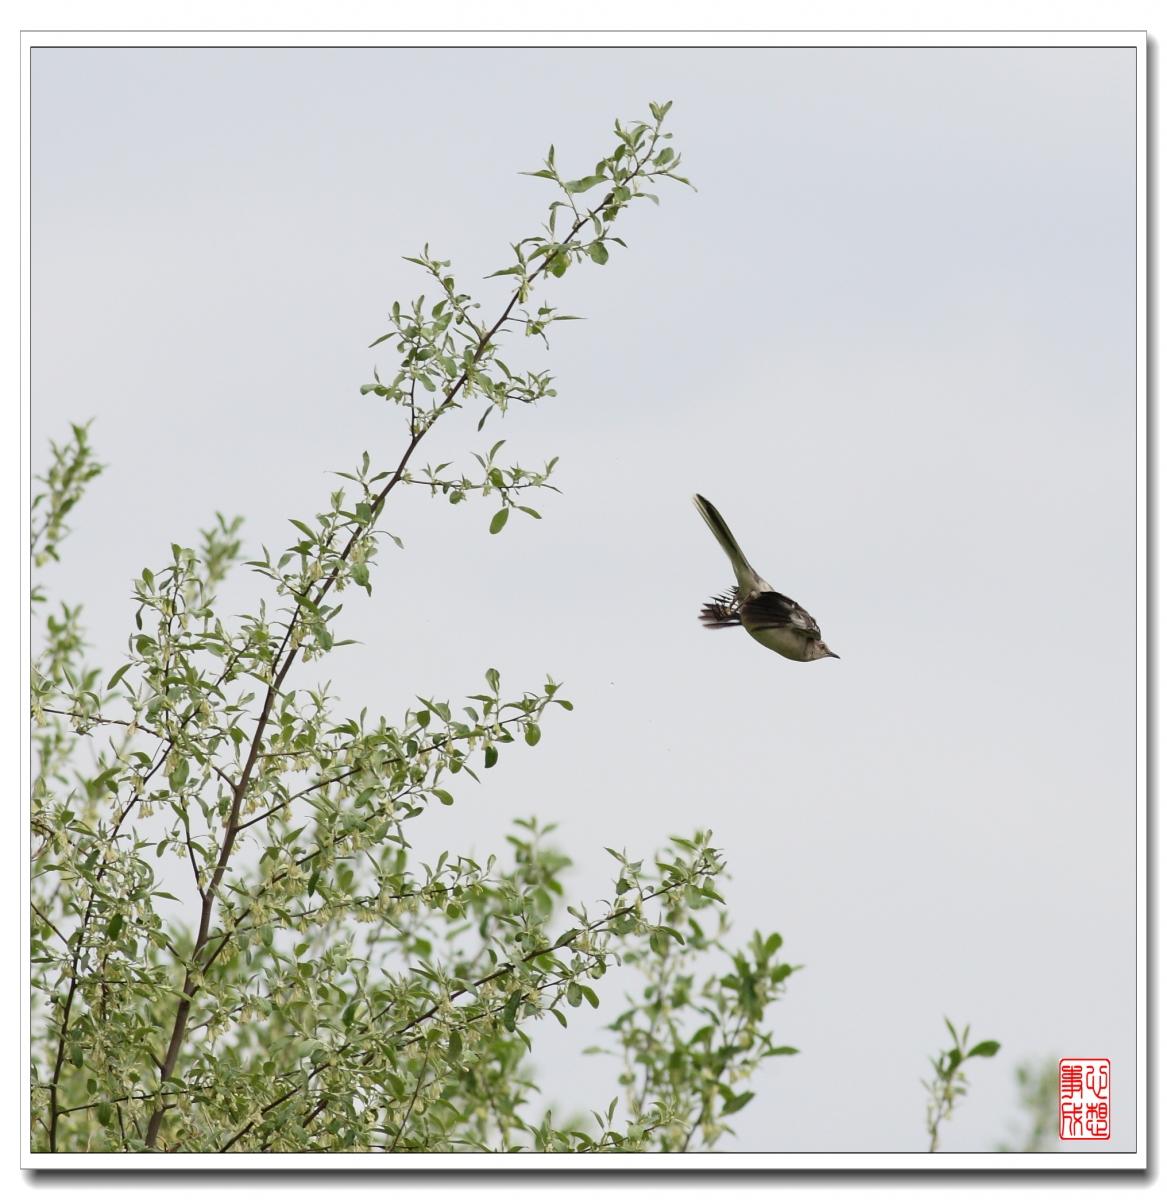 【心想事成】 飞鸟随拍图_图1-1